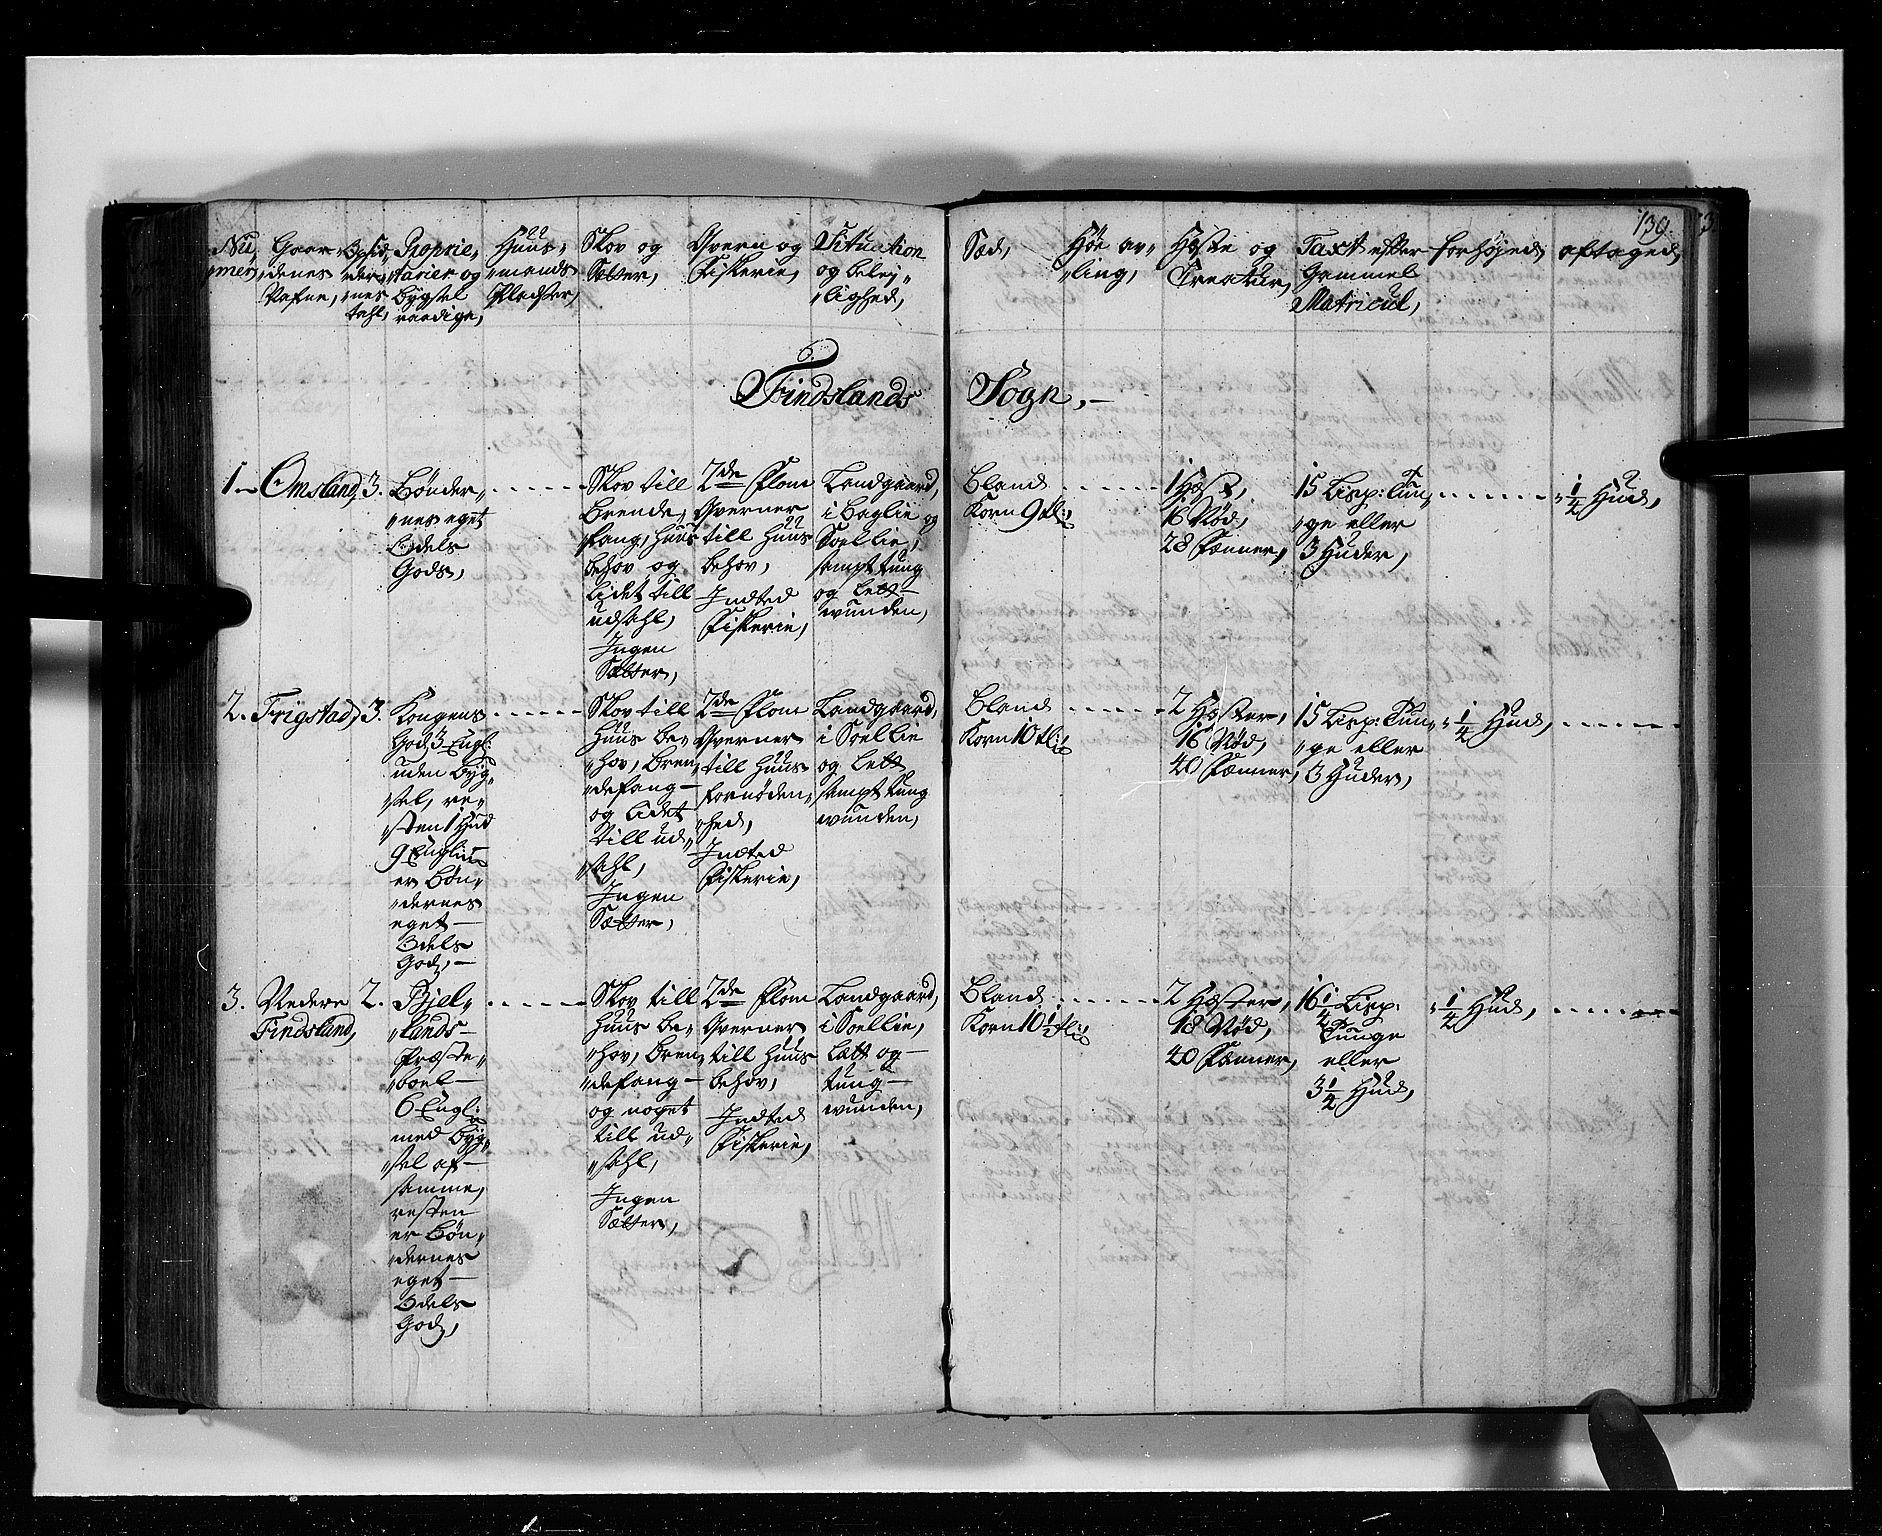 RA, Rentekammeret inntil 1814, Realistisk ordnet avdeling, N/Nb/Nbf/L0127: Mandal eksaminasjonsprotokoll, 1723, s. 138b-139a